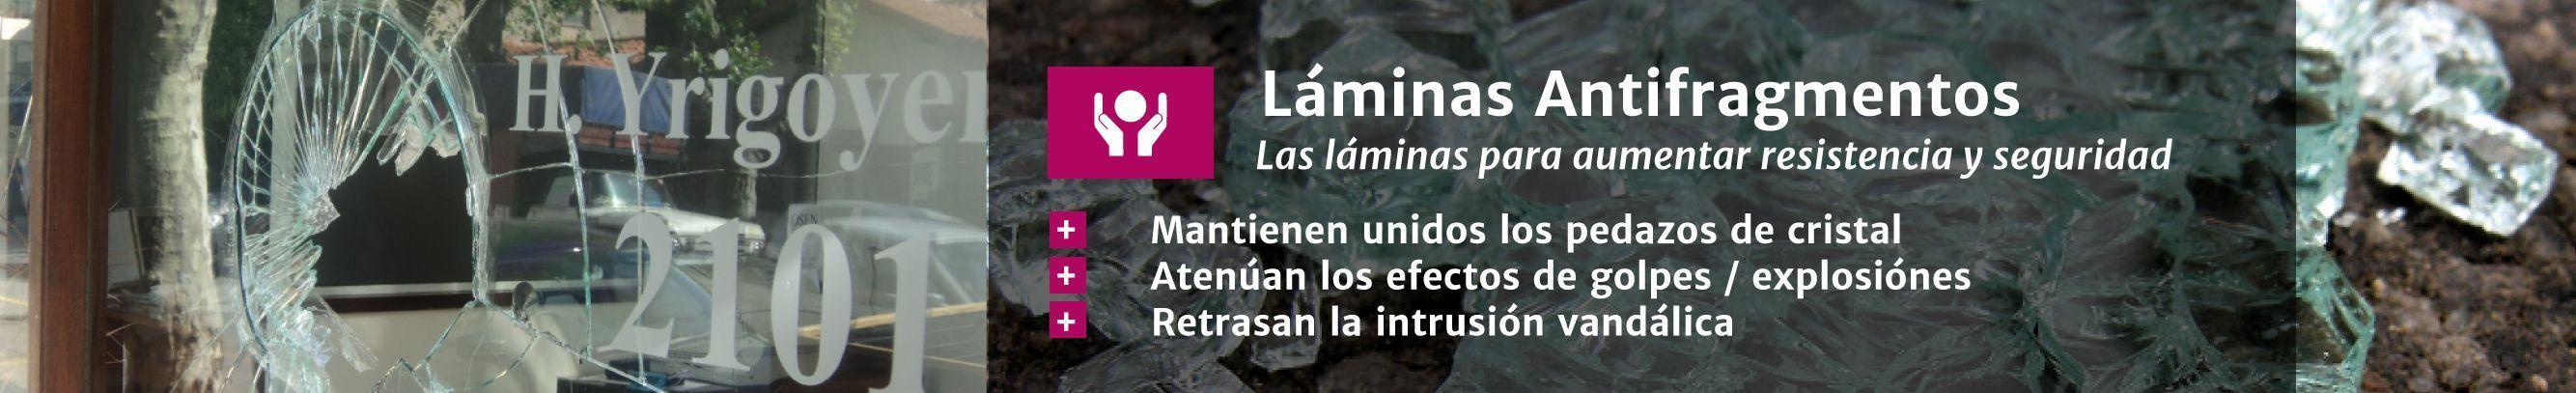 Láminas antifragmentos en Laminotech